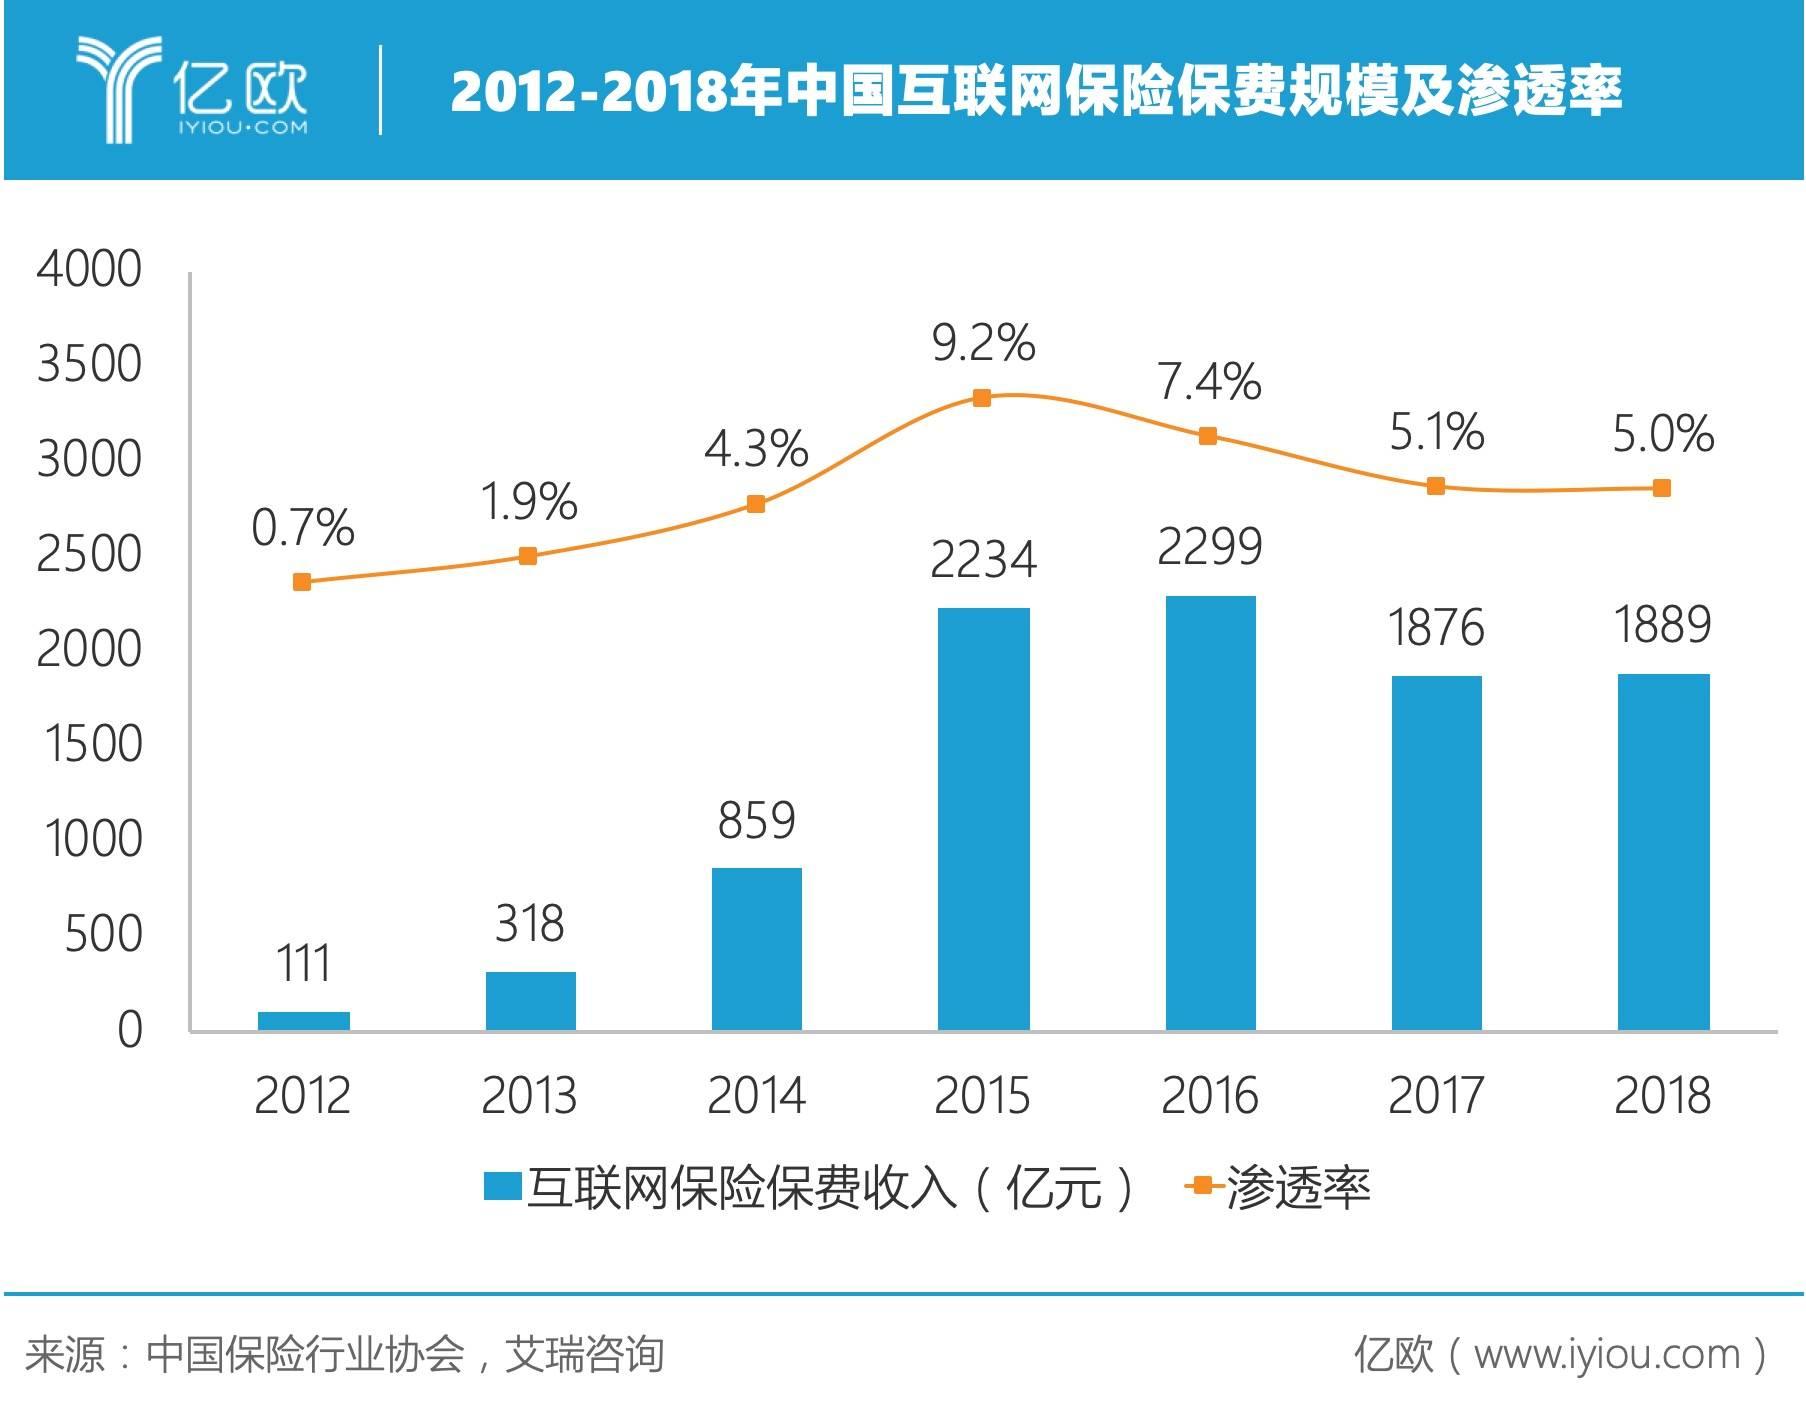 2012-2018年中国互联网保险保费规模及渗透率